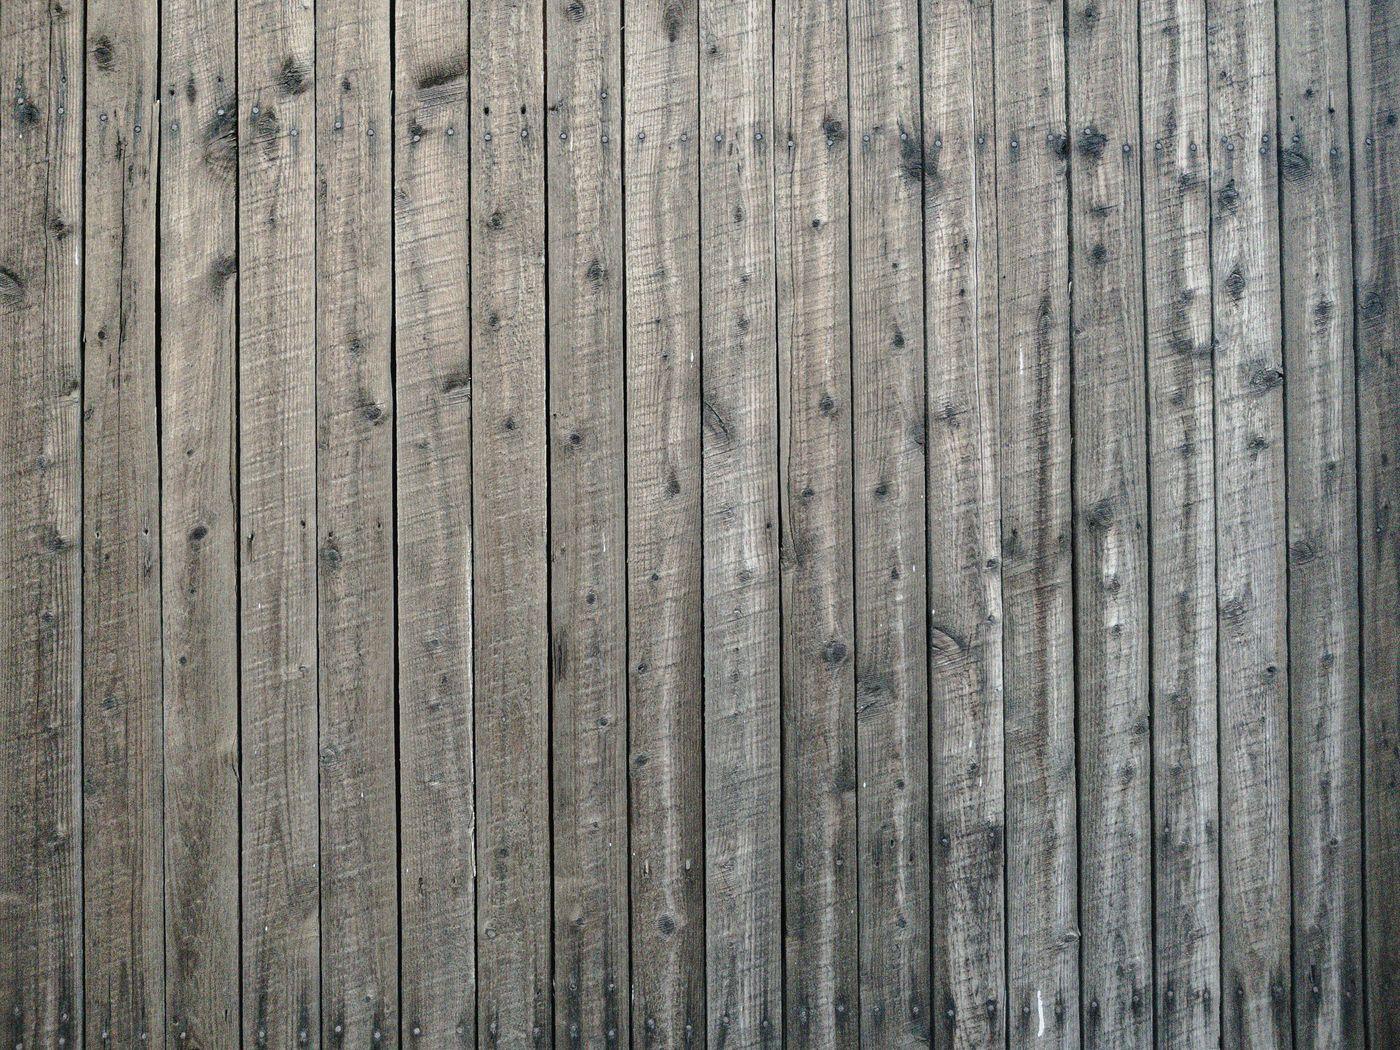 細い木材の壁の写真